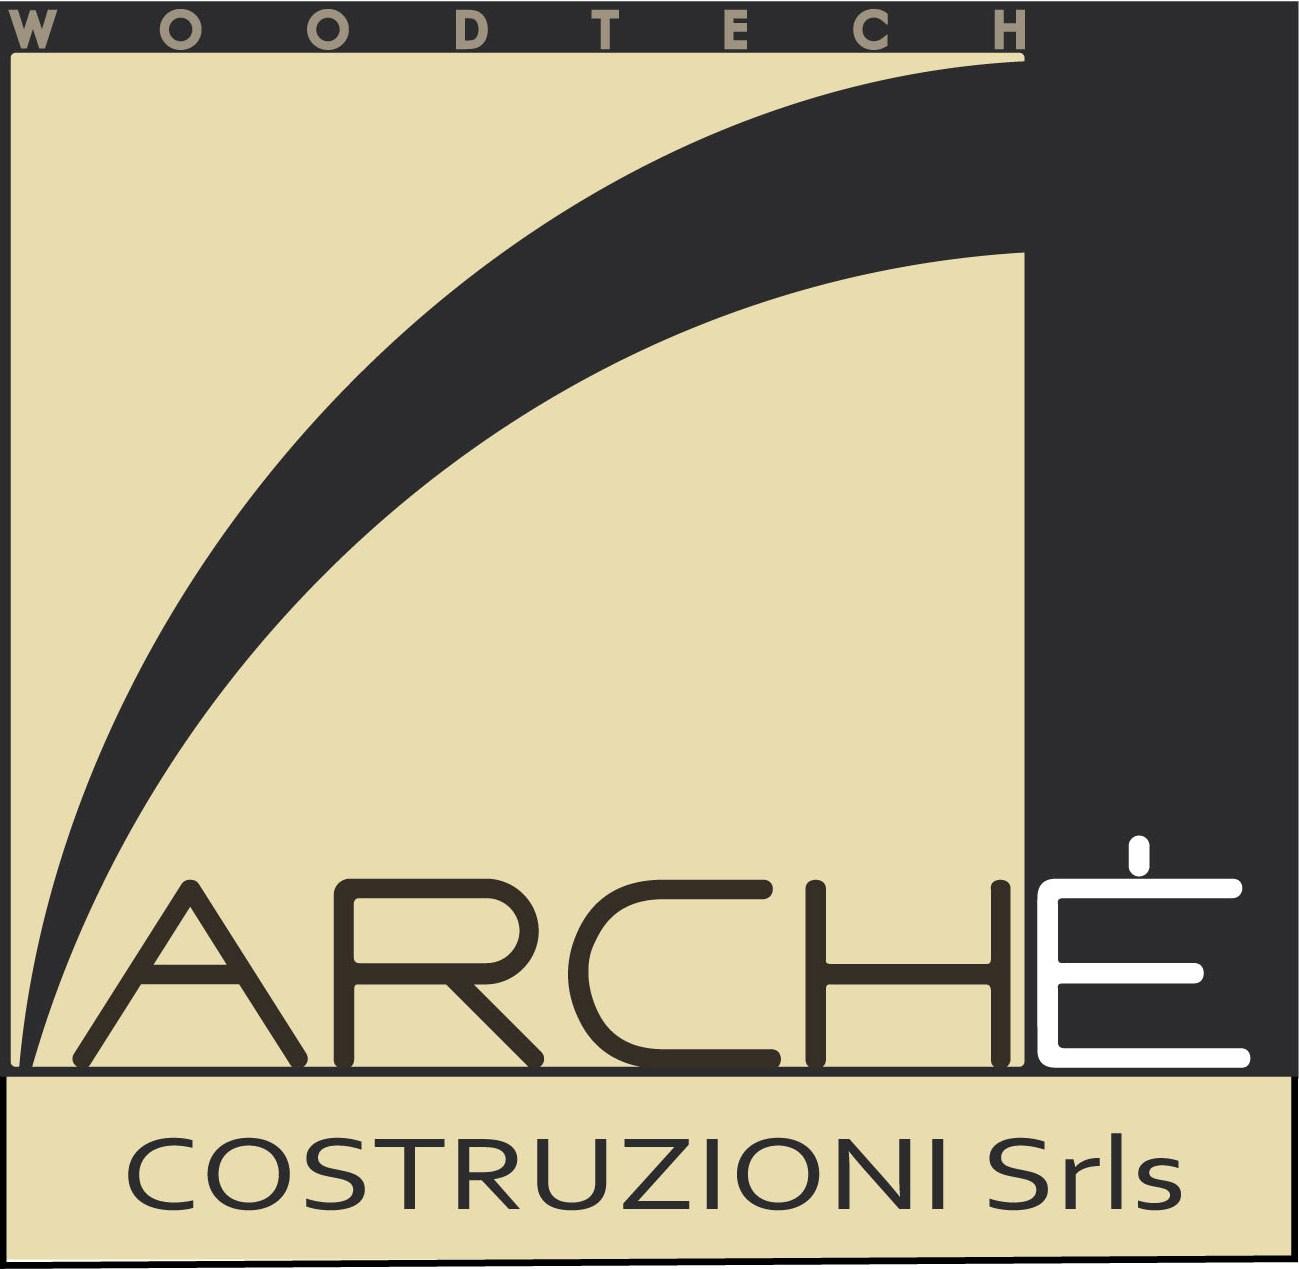 Arche' Costruzioni Srls